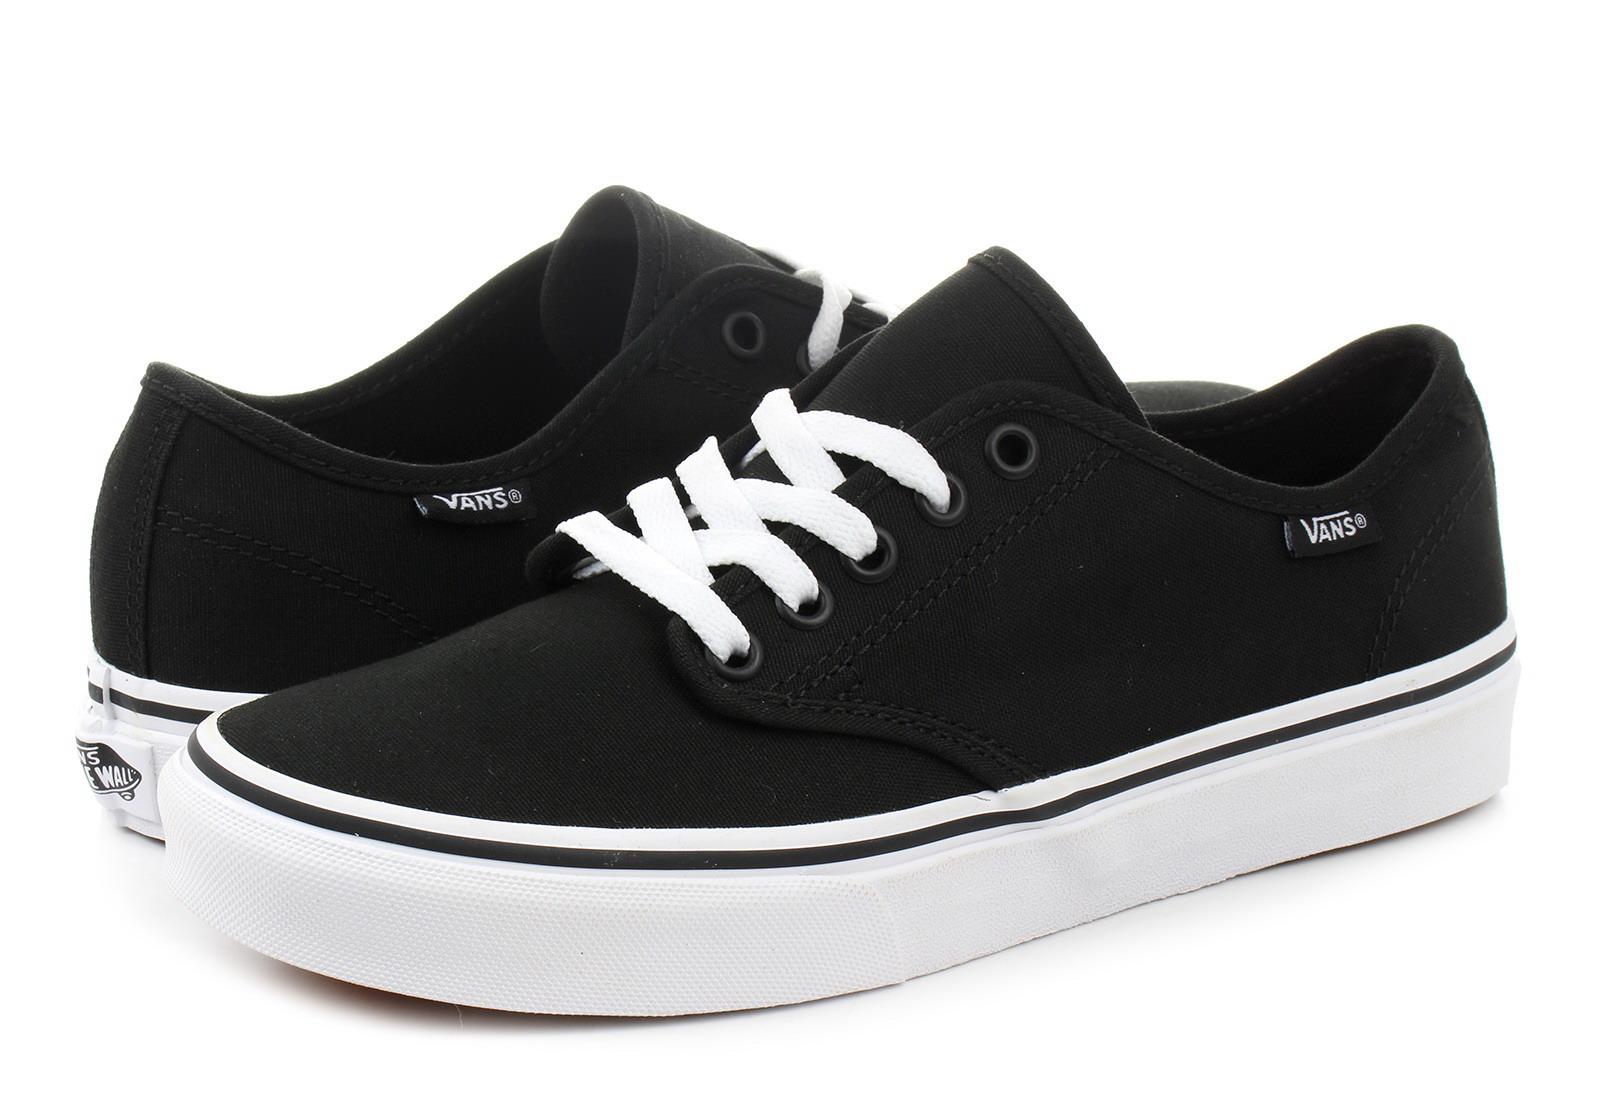 Vans Shoes Wm Camden Stripe